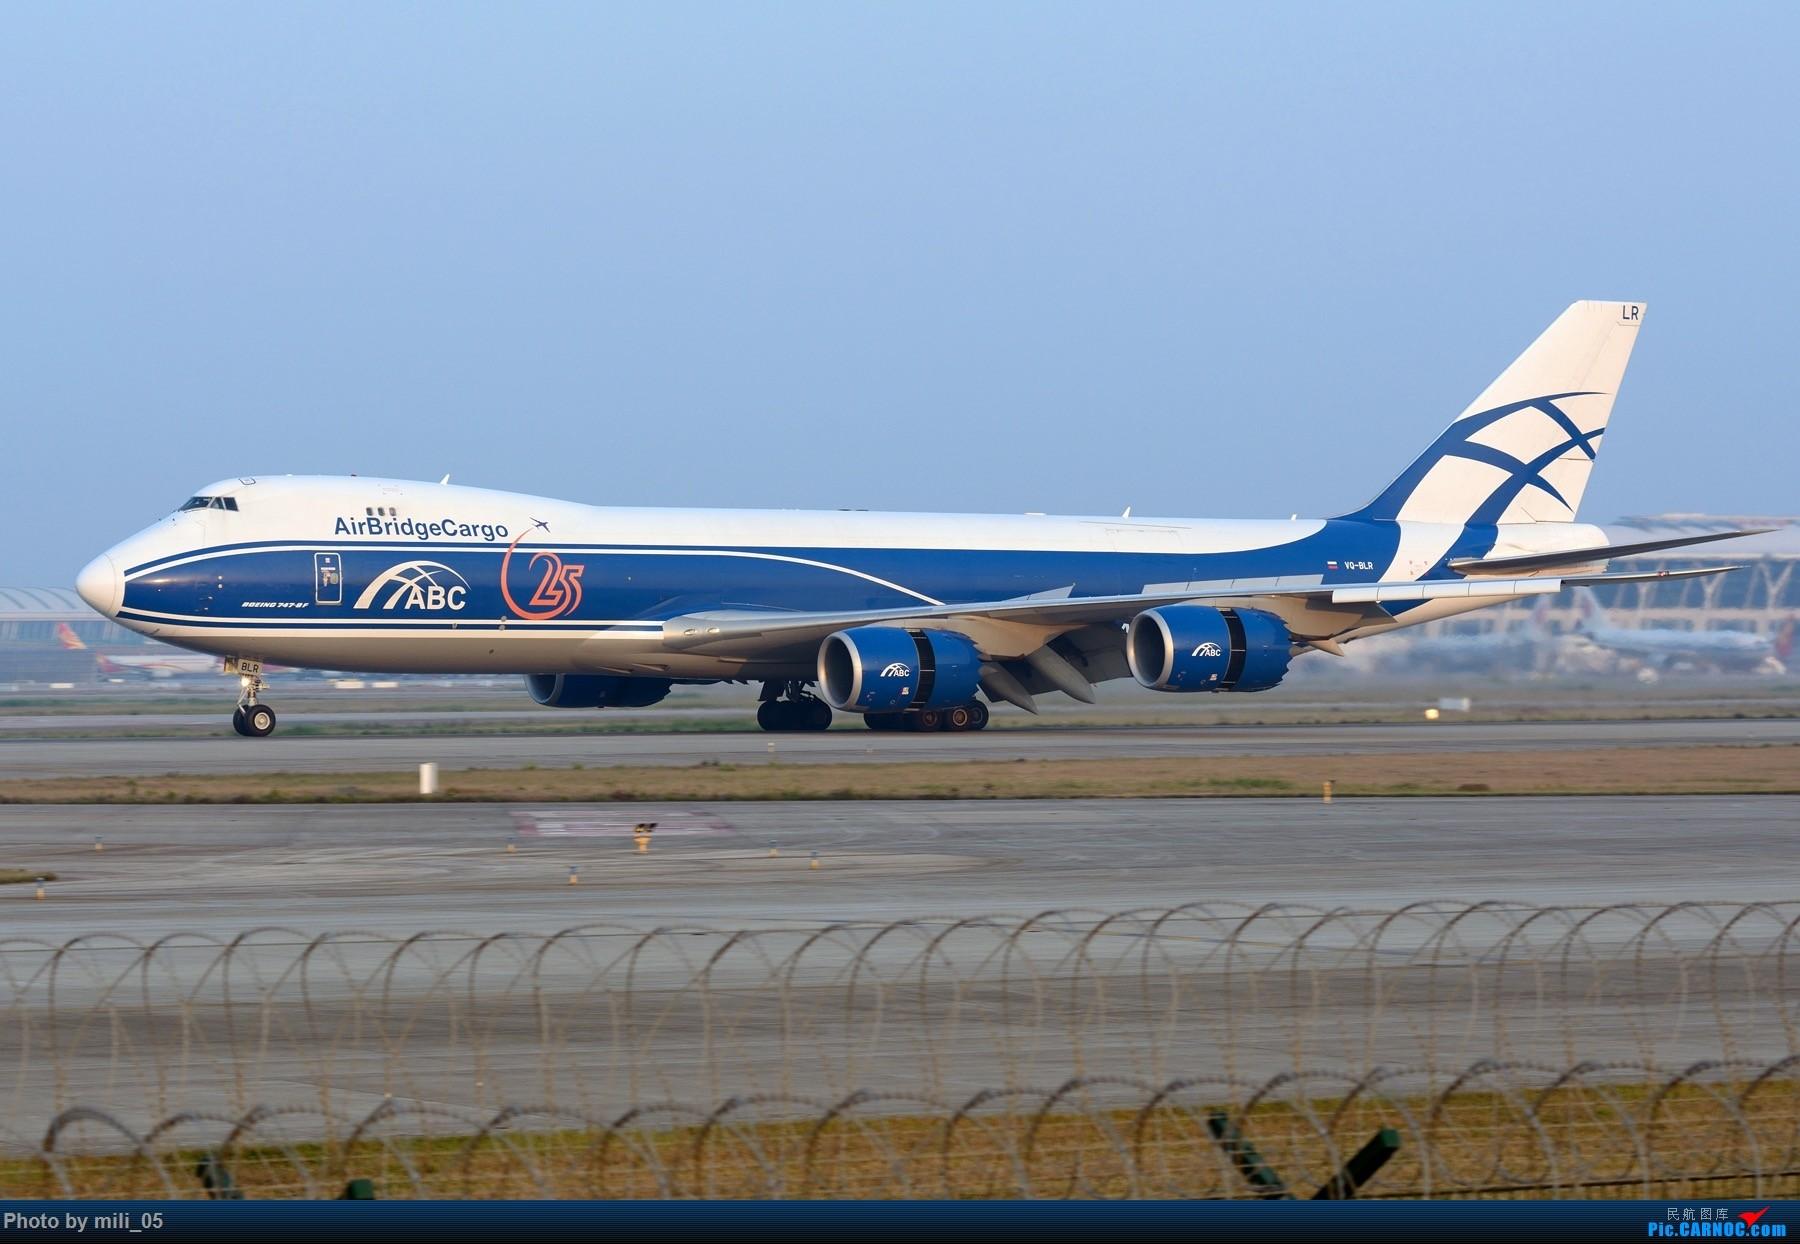 [原创]PVG B747-8F首次发图,请多关照! BOEING 747-8F VQ-BLR PVG